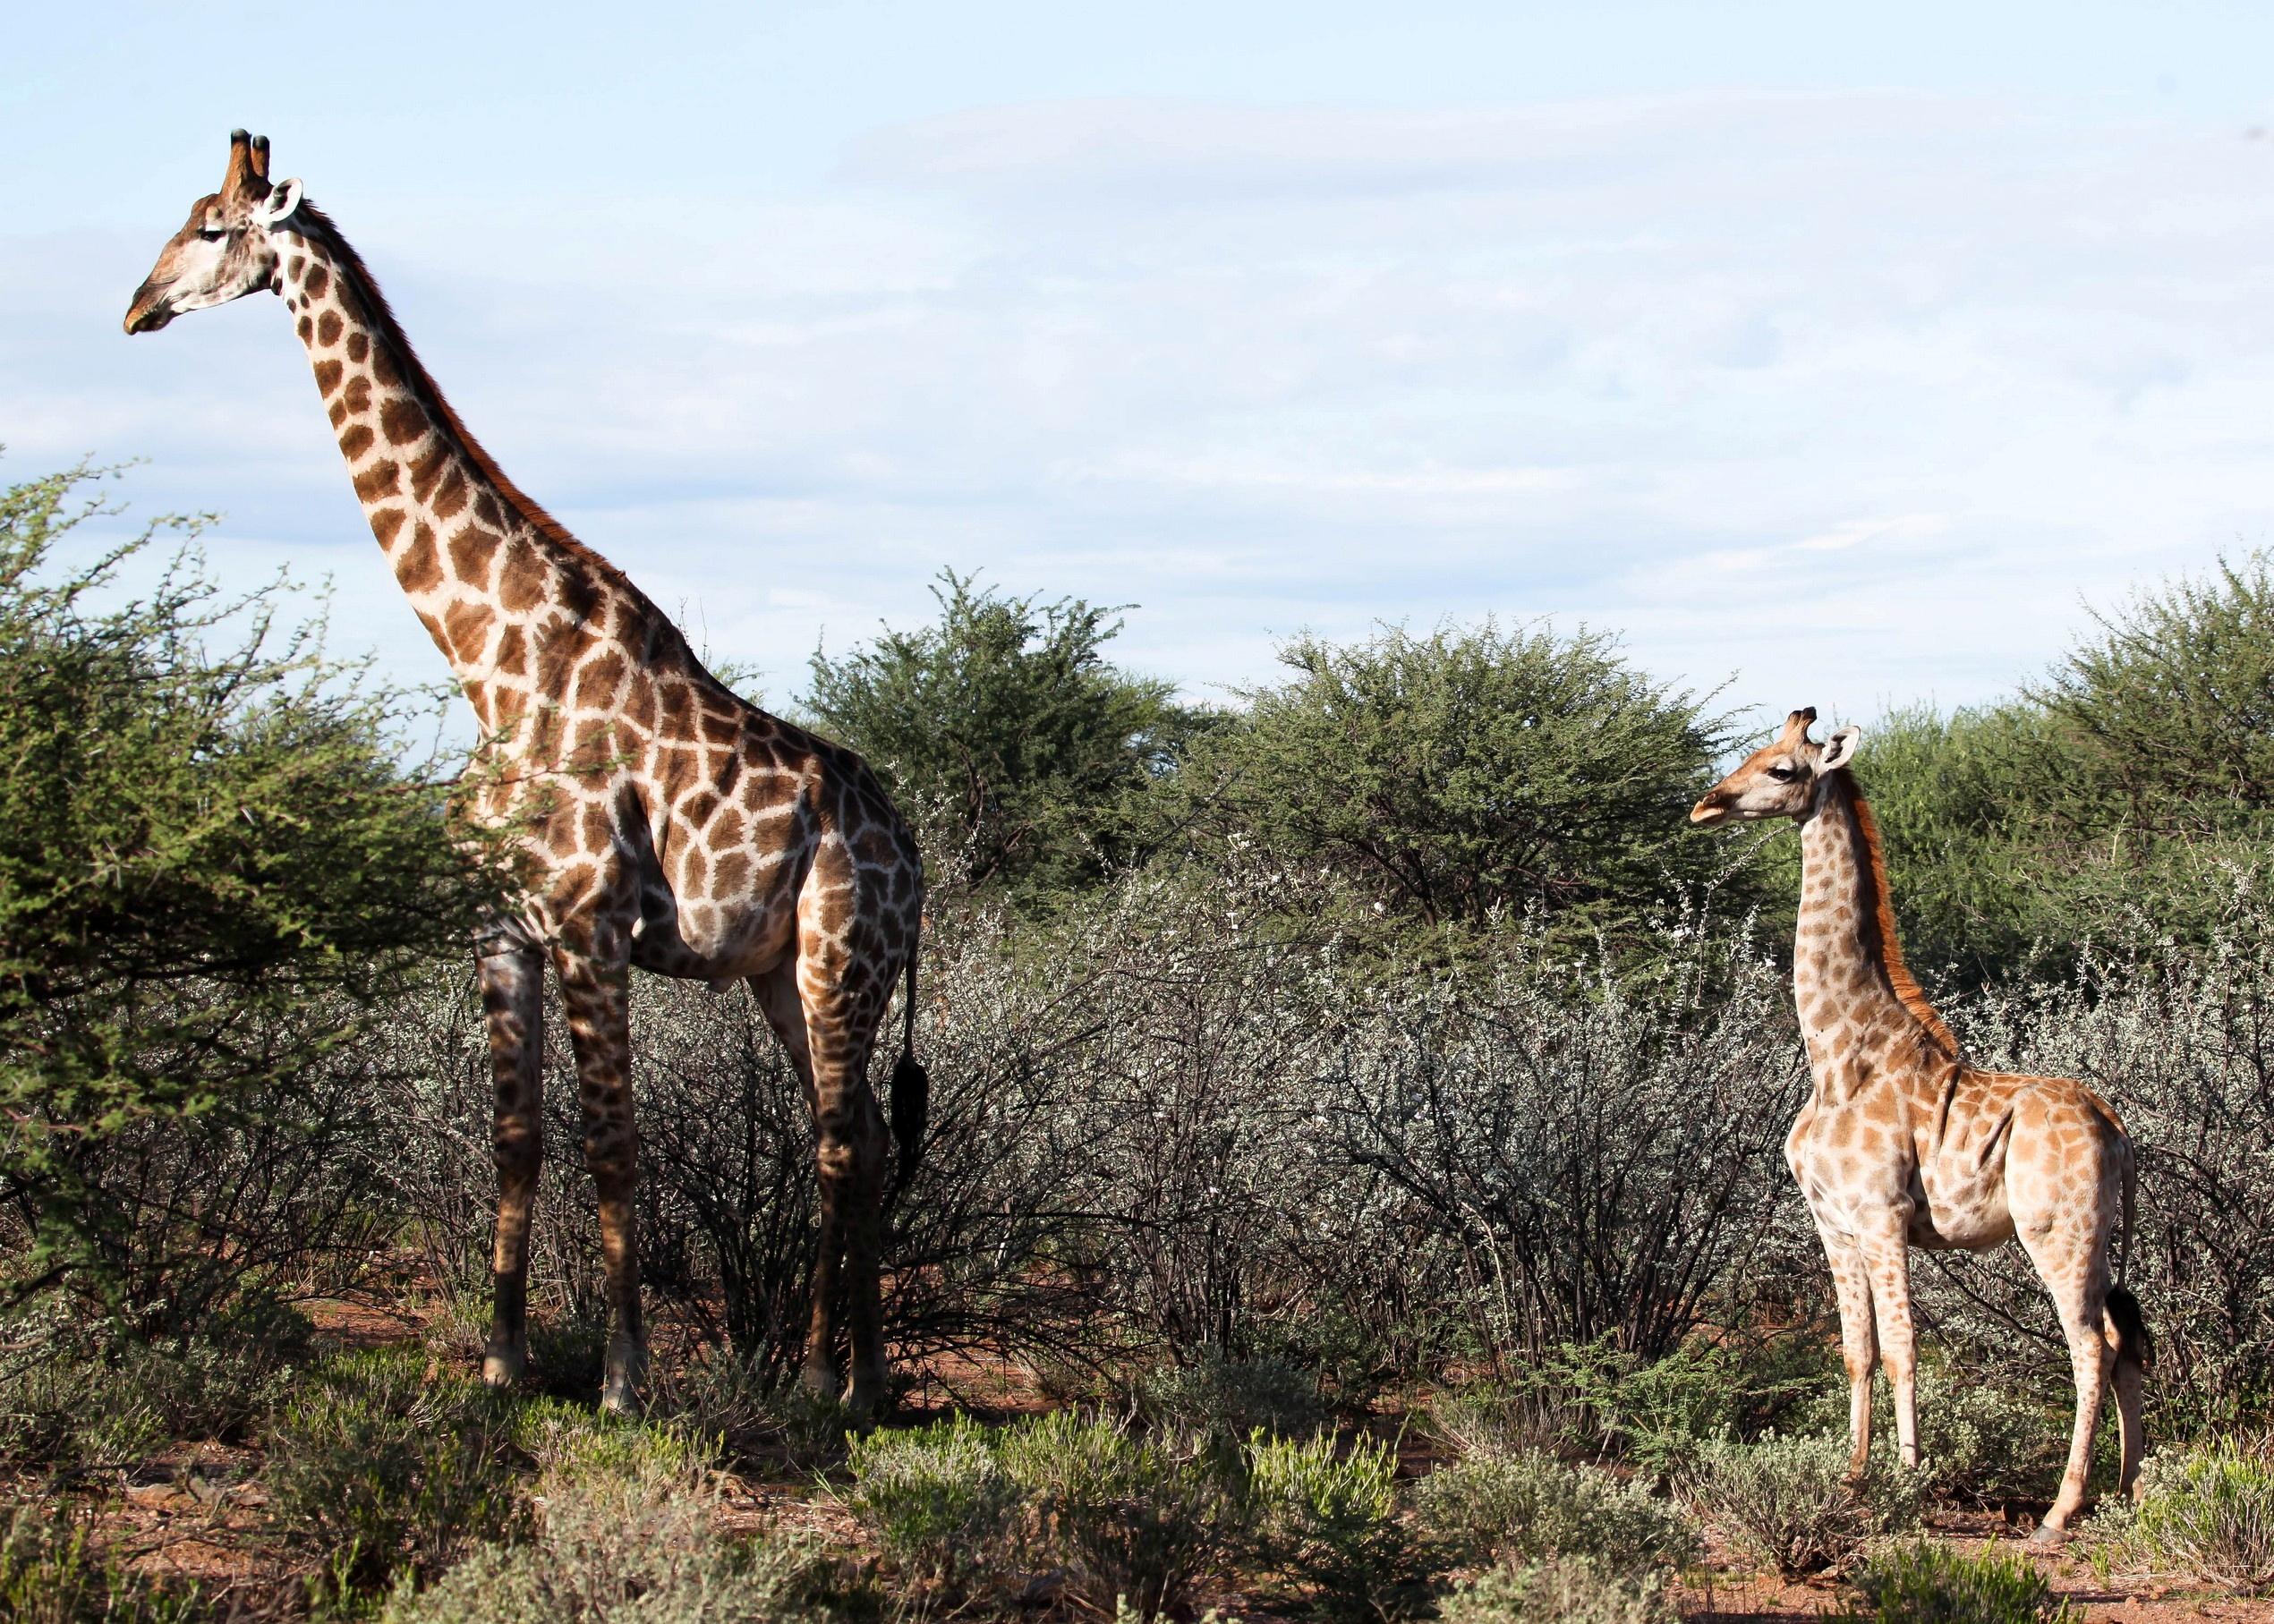 Και όμως υπάρχουν καμηλοπαρδάλεις «νάνοι» – Βρέθηκαν σε Ναμίμπια και Ουγκάντα